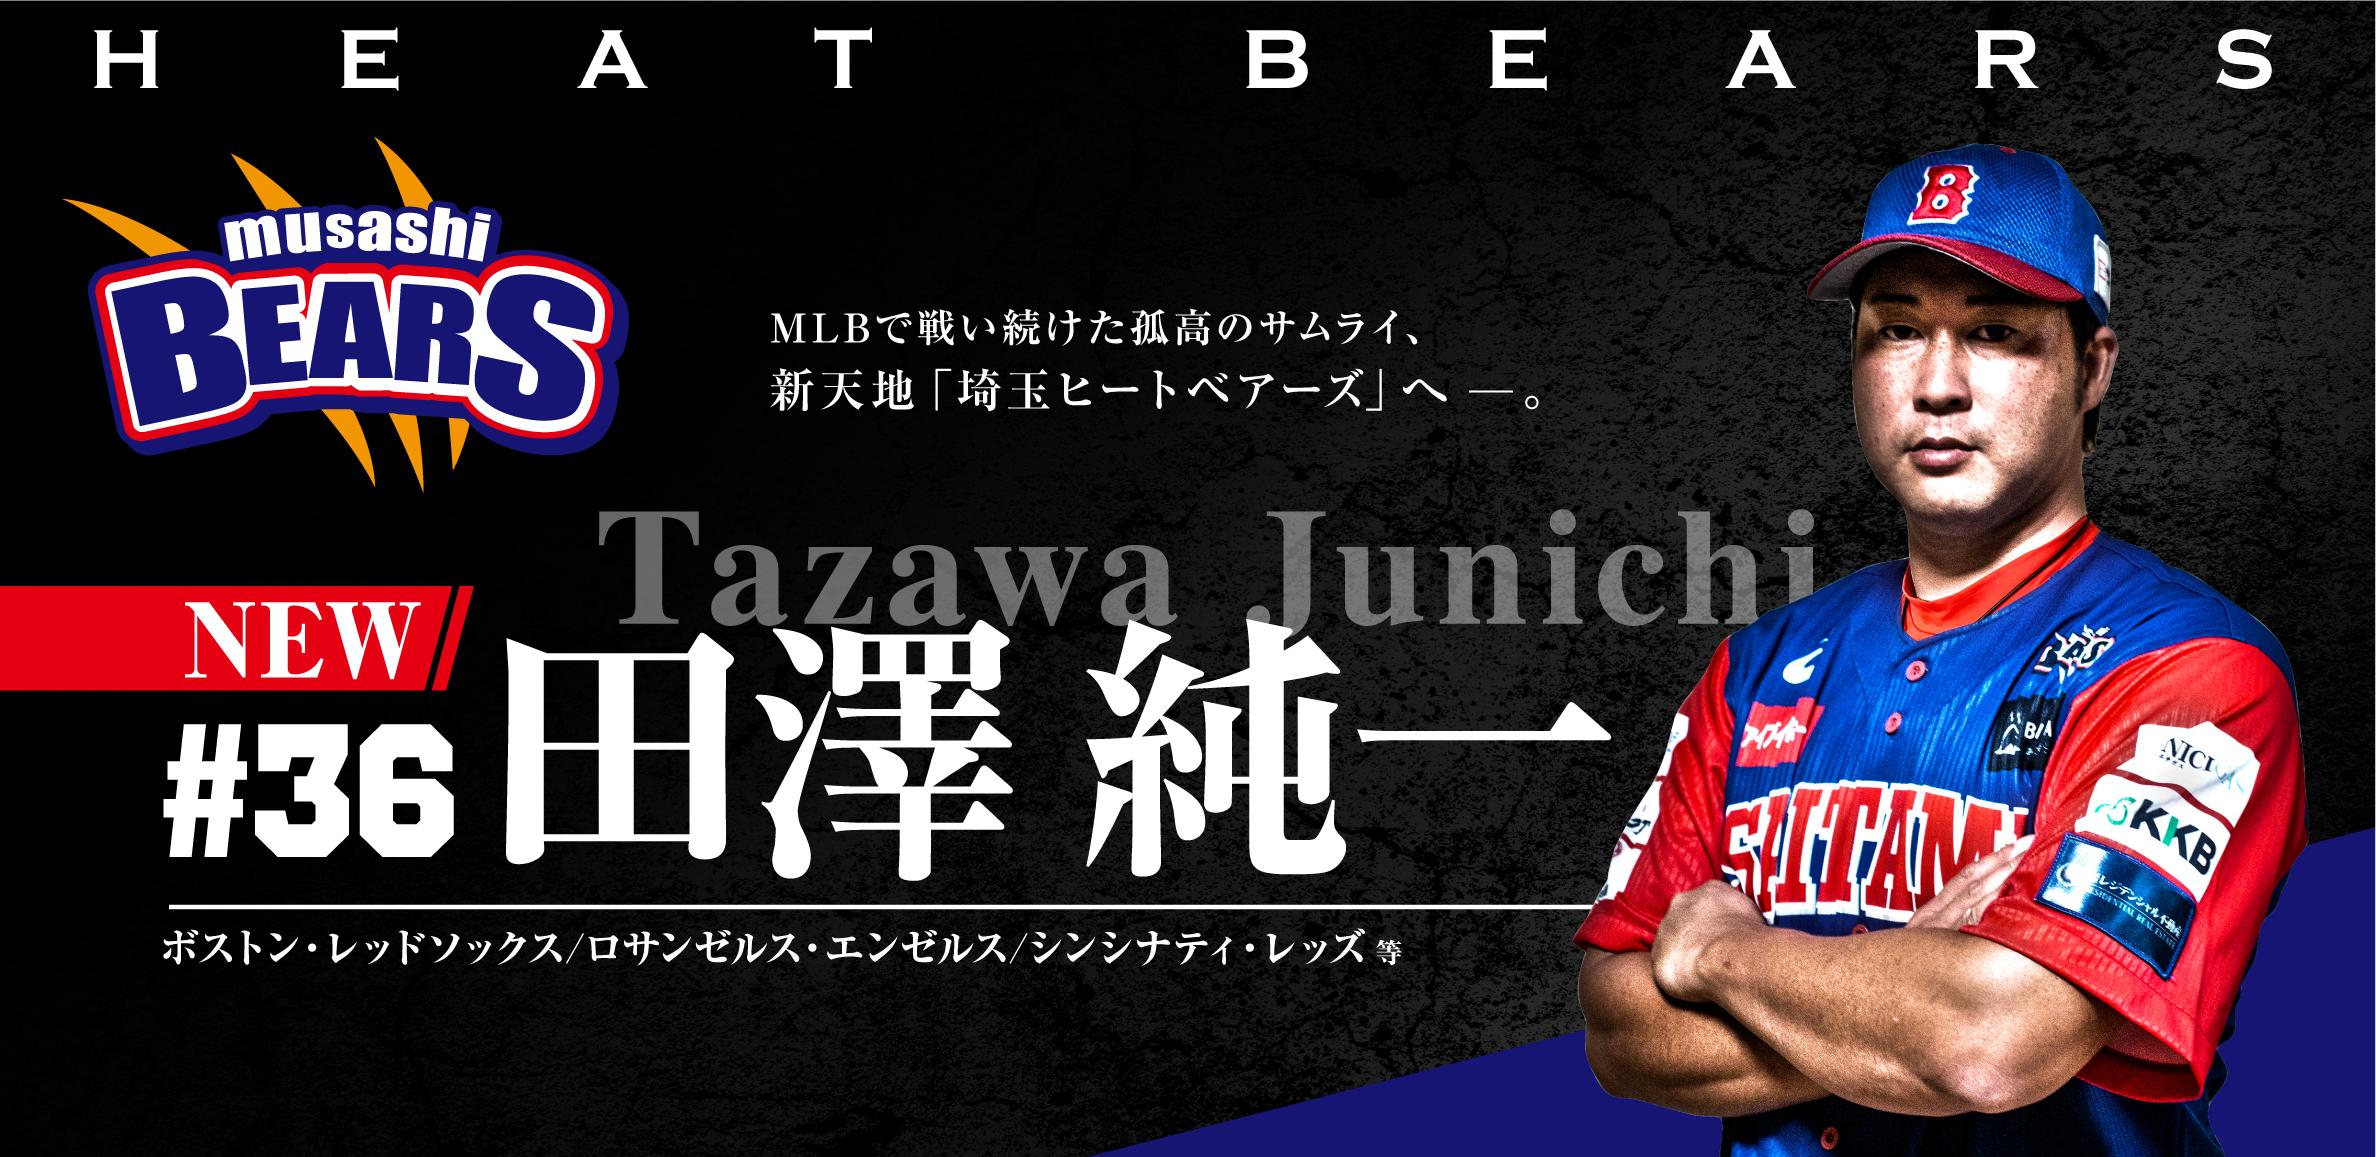 埼玉武蔵ヒートベアーズ公式サイトも入団を発表